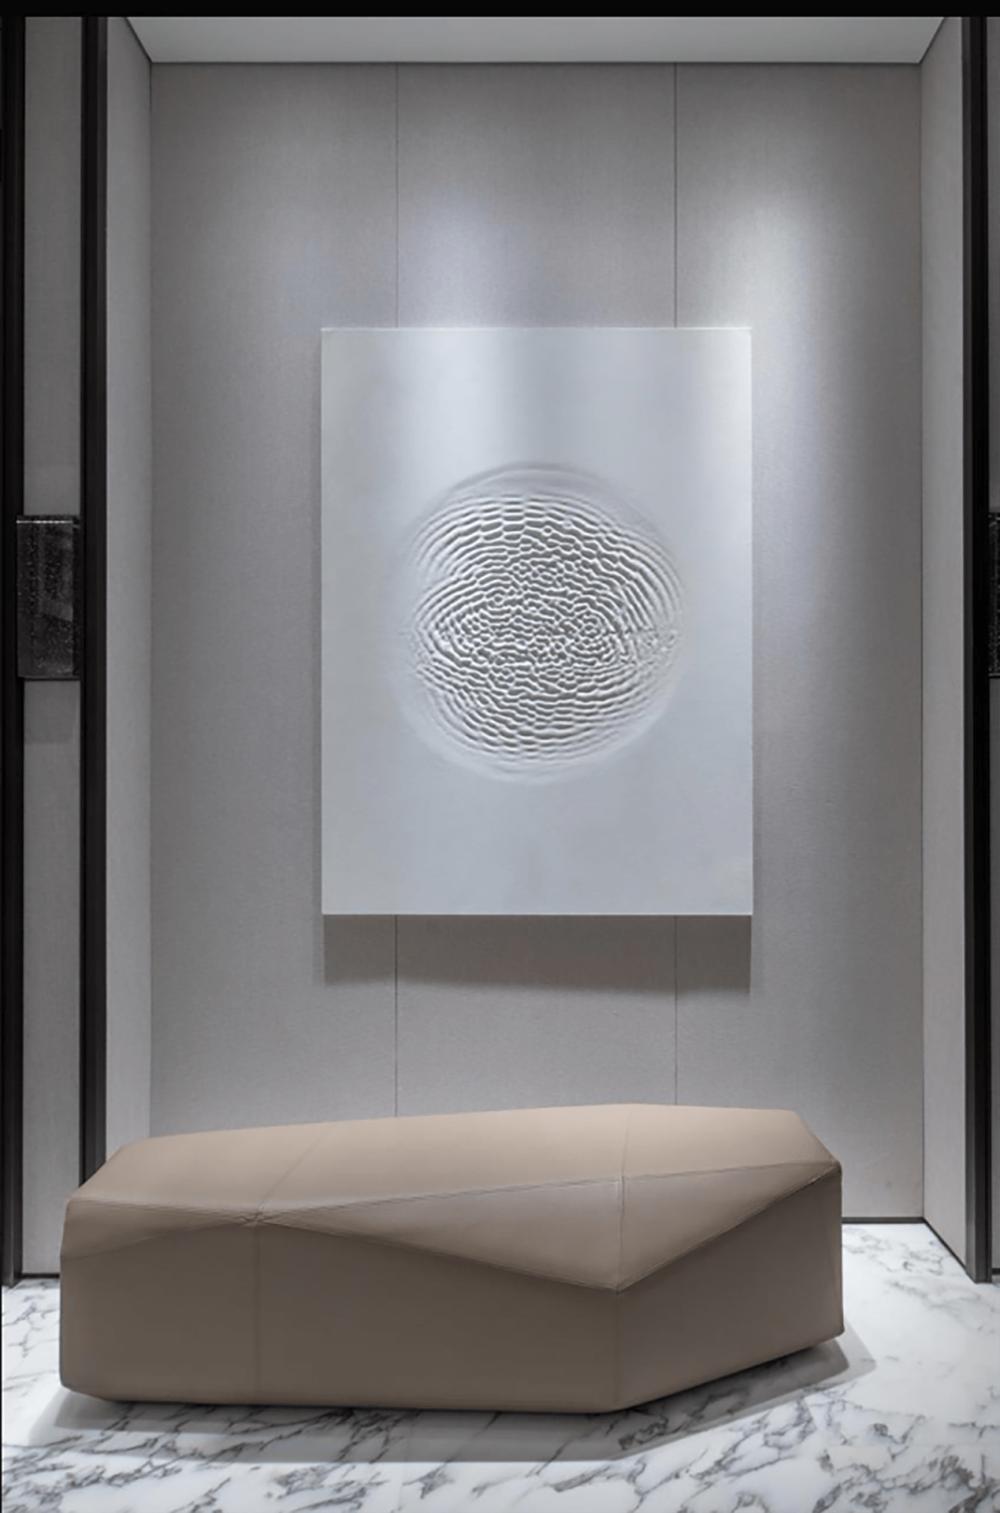 高点设计&上海·JW候爵万豪酒店-4.png